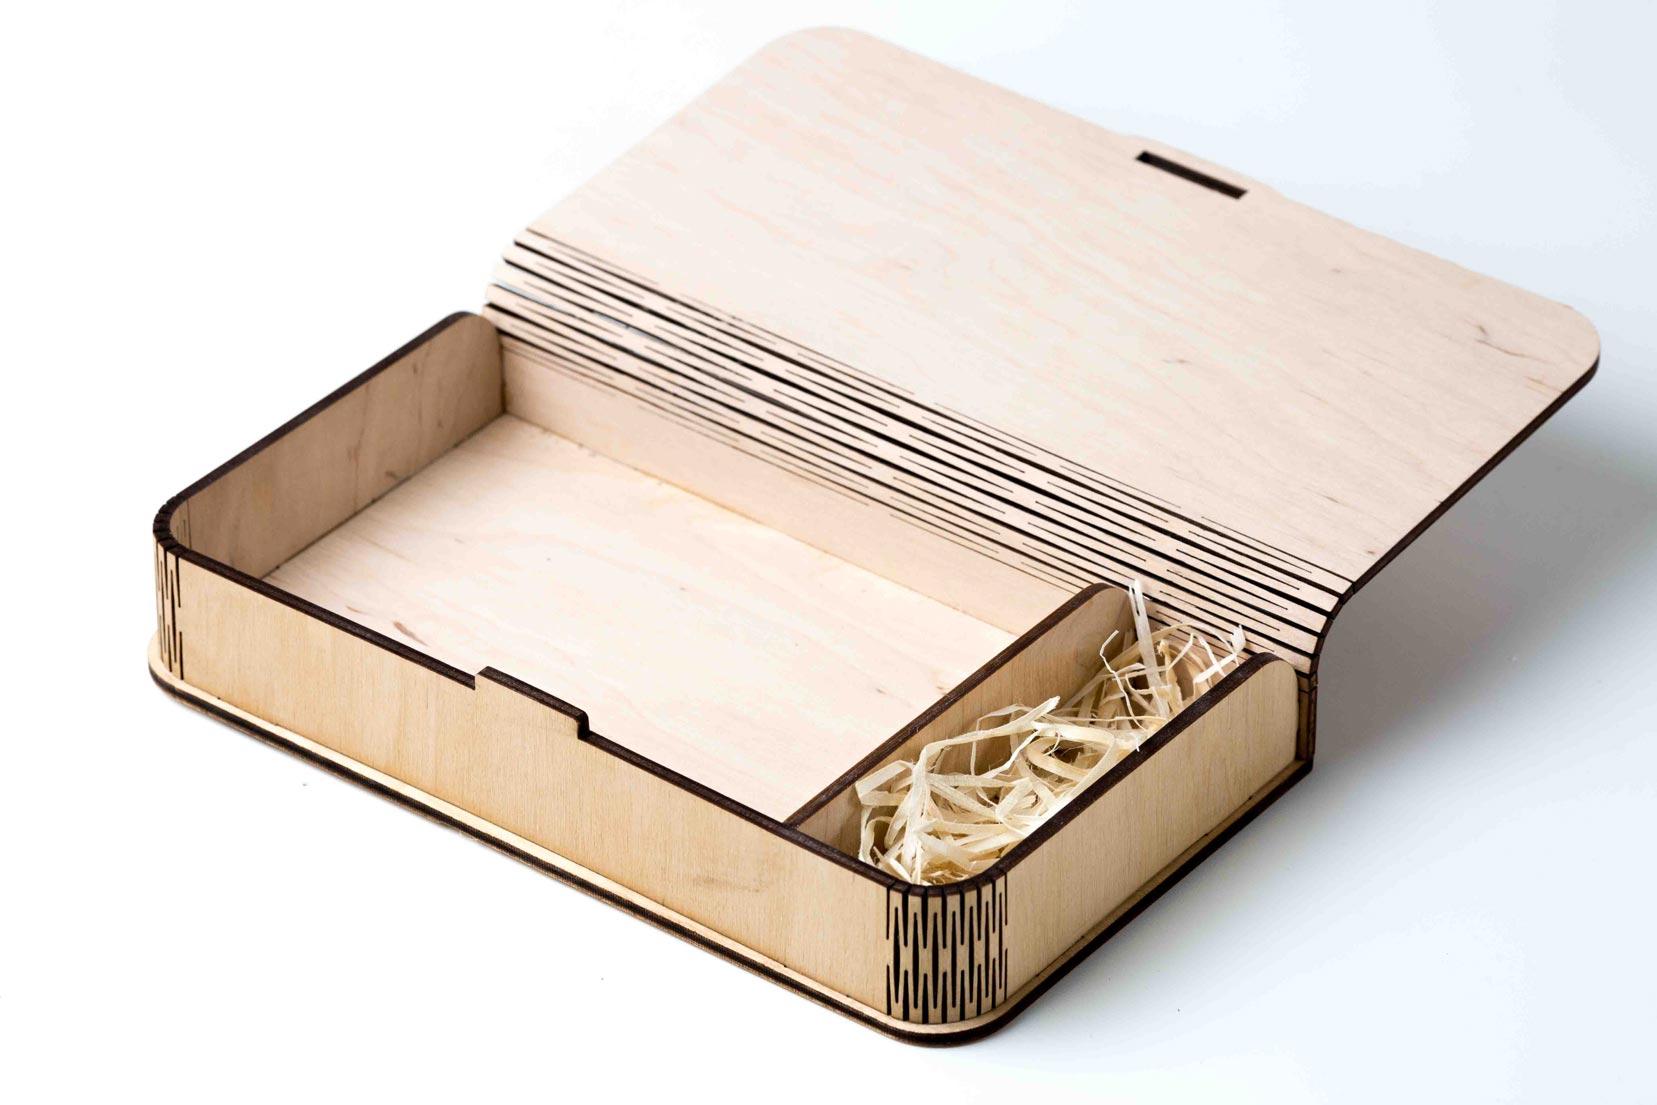 Cnc Laser Cut Design Wooden Box Free CDR Vectors Art